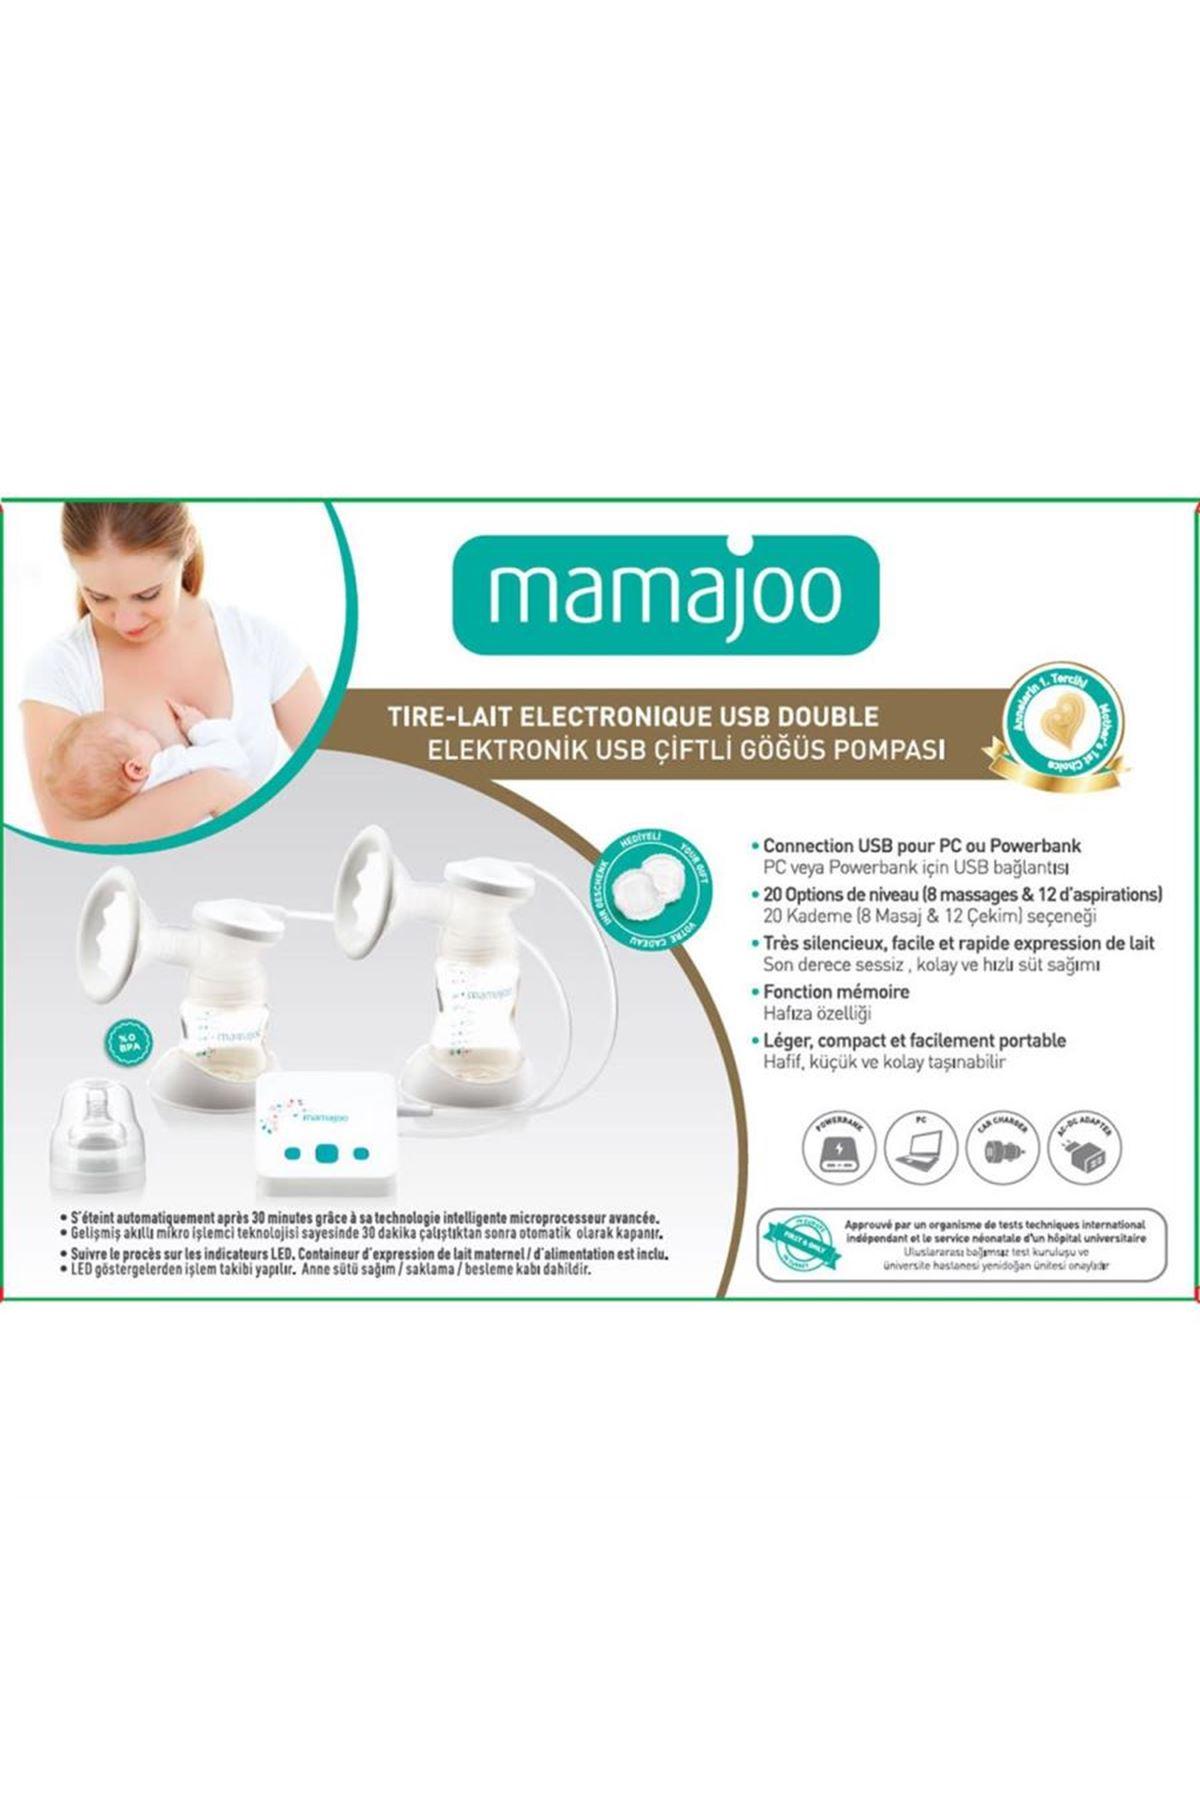 Mamajoo Elektronik USB Çiftli Göğüs Pompası